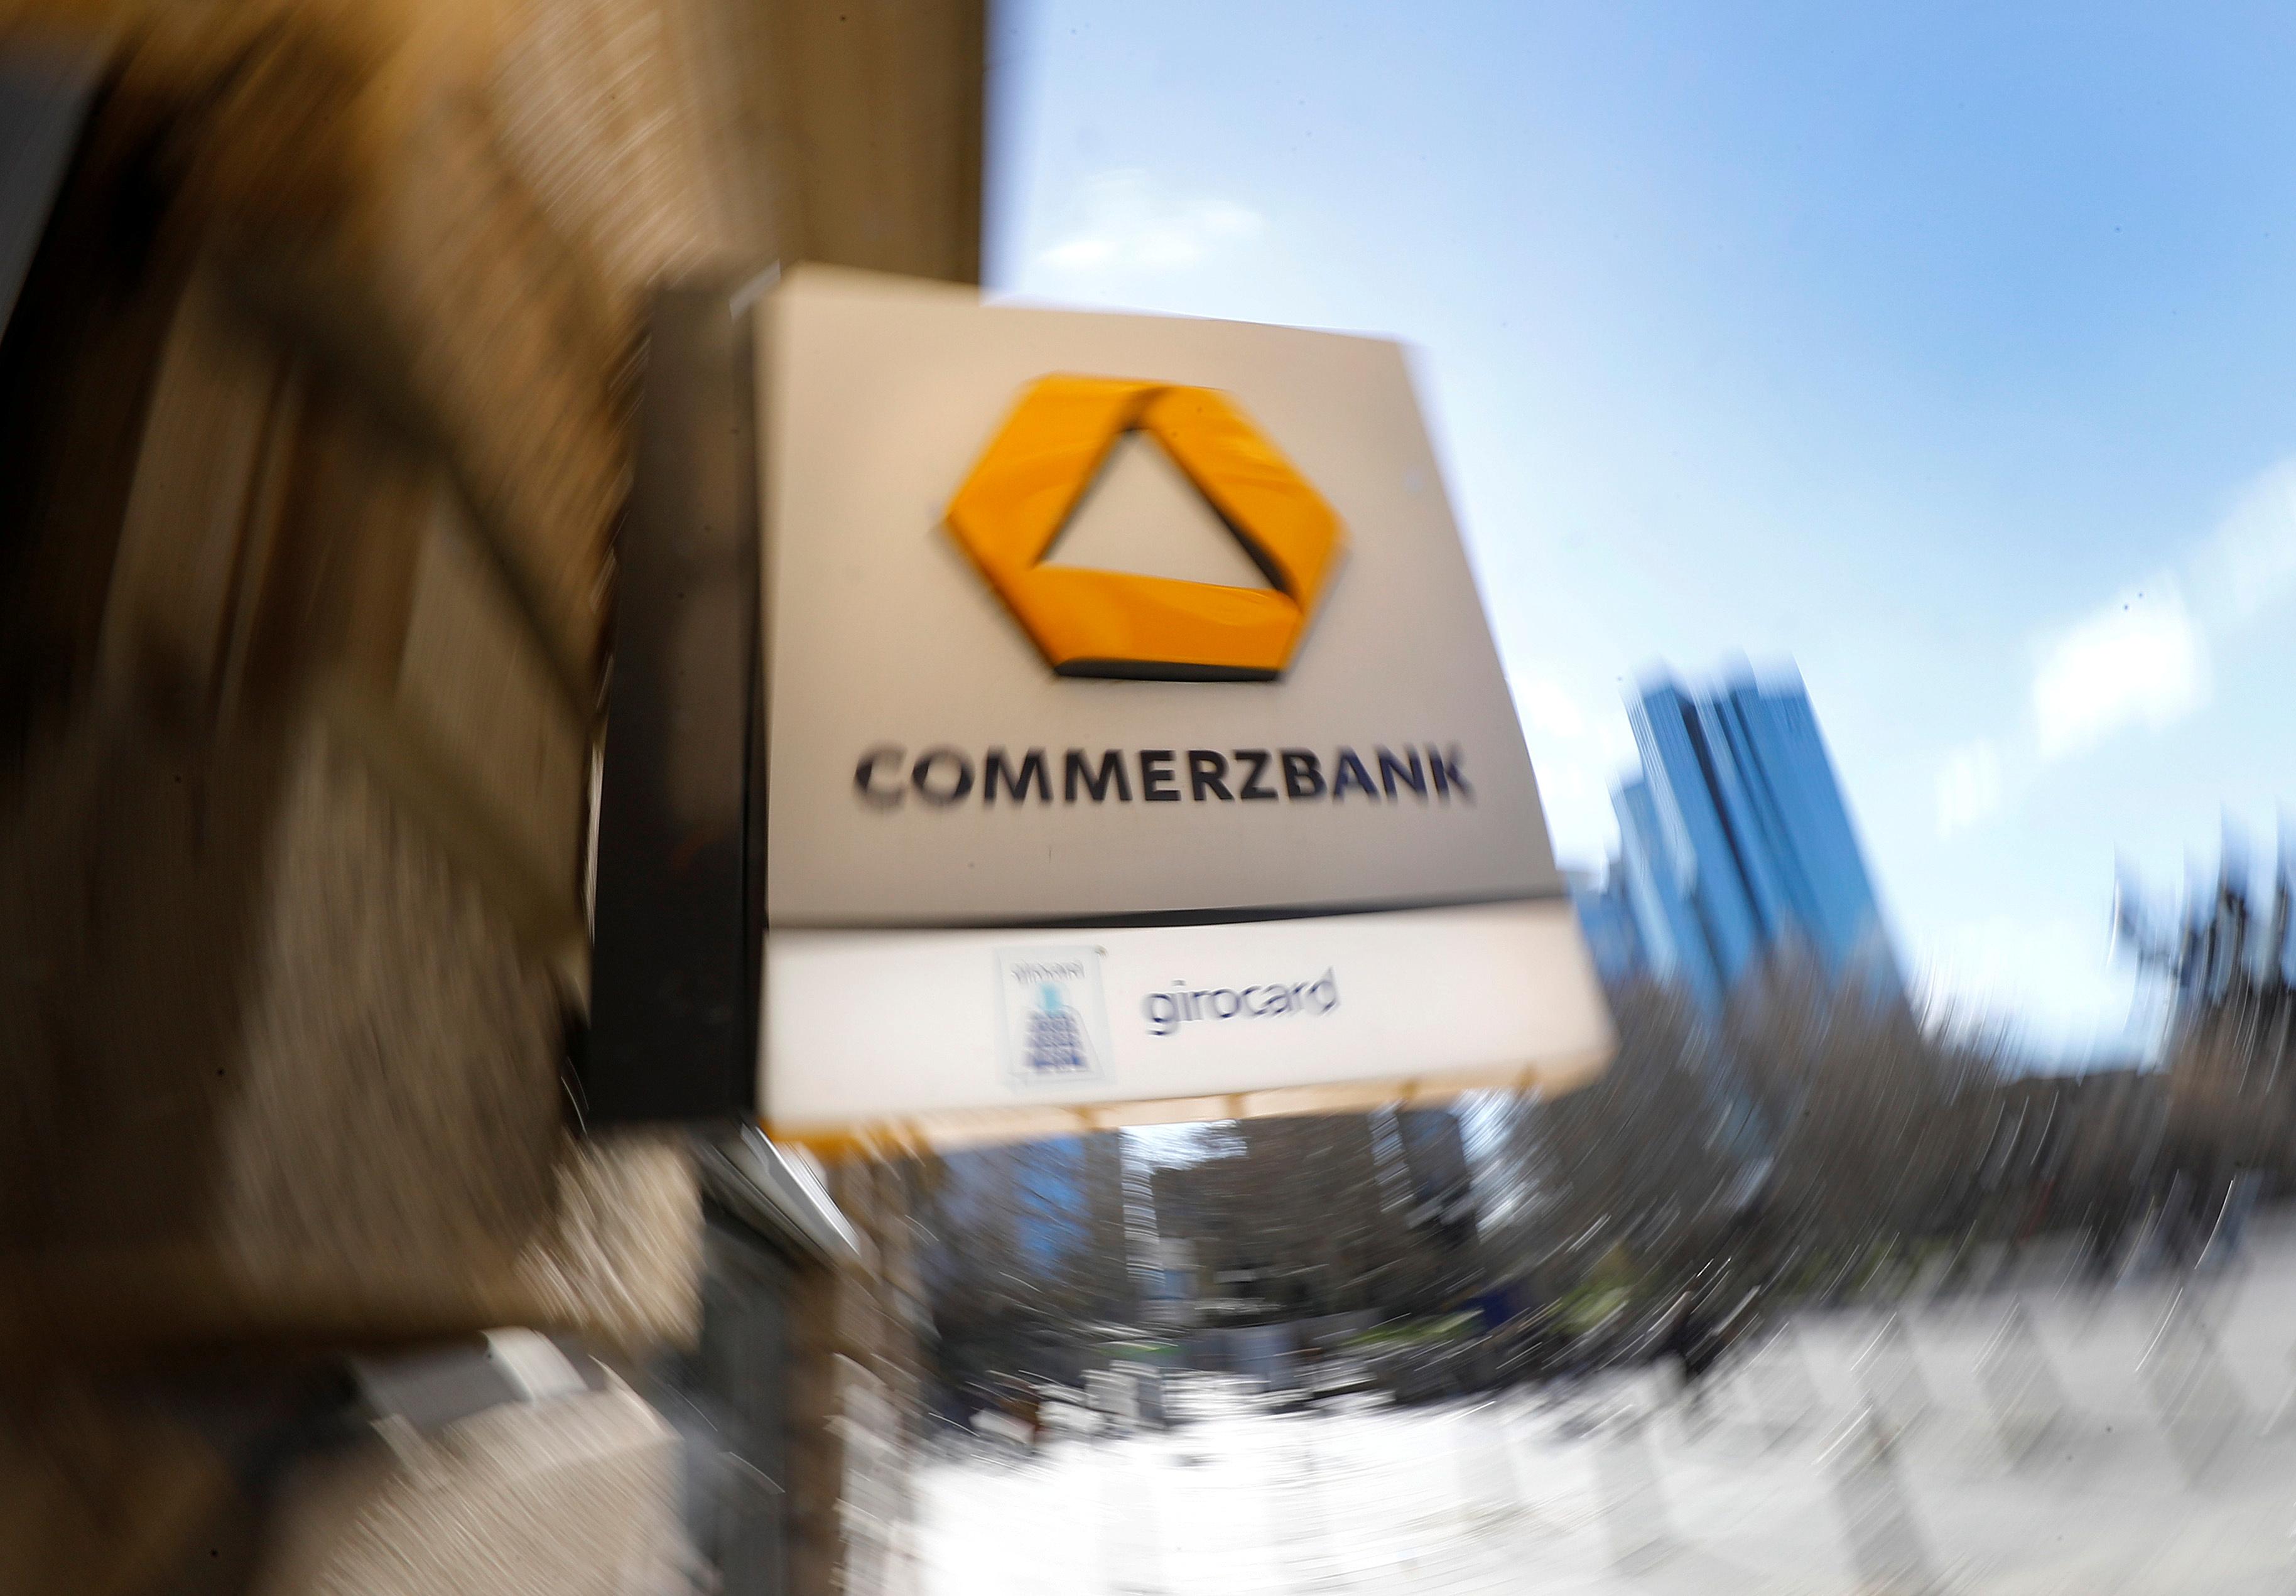 Allemagne : poussé vers la sortie, le patron de Commerzbank démissionne